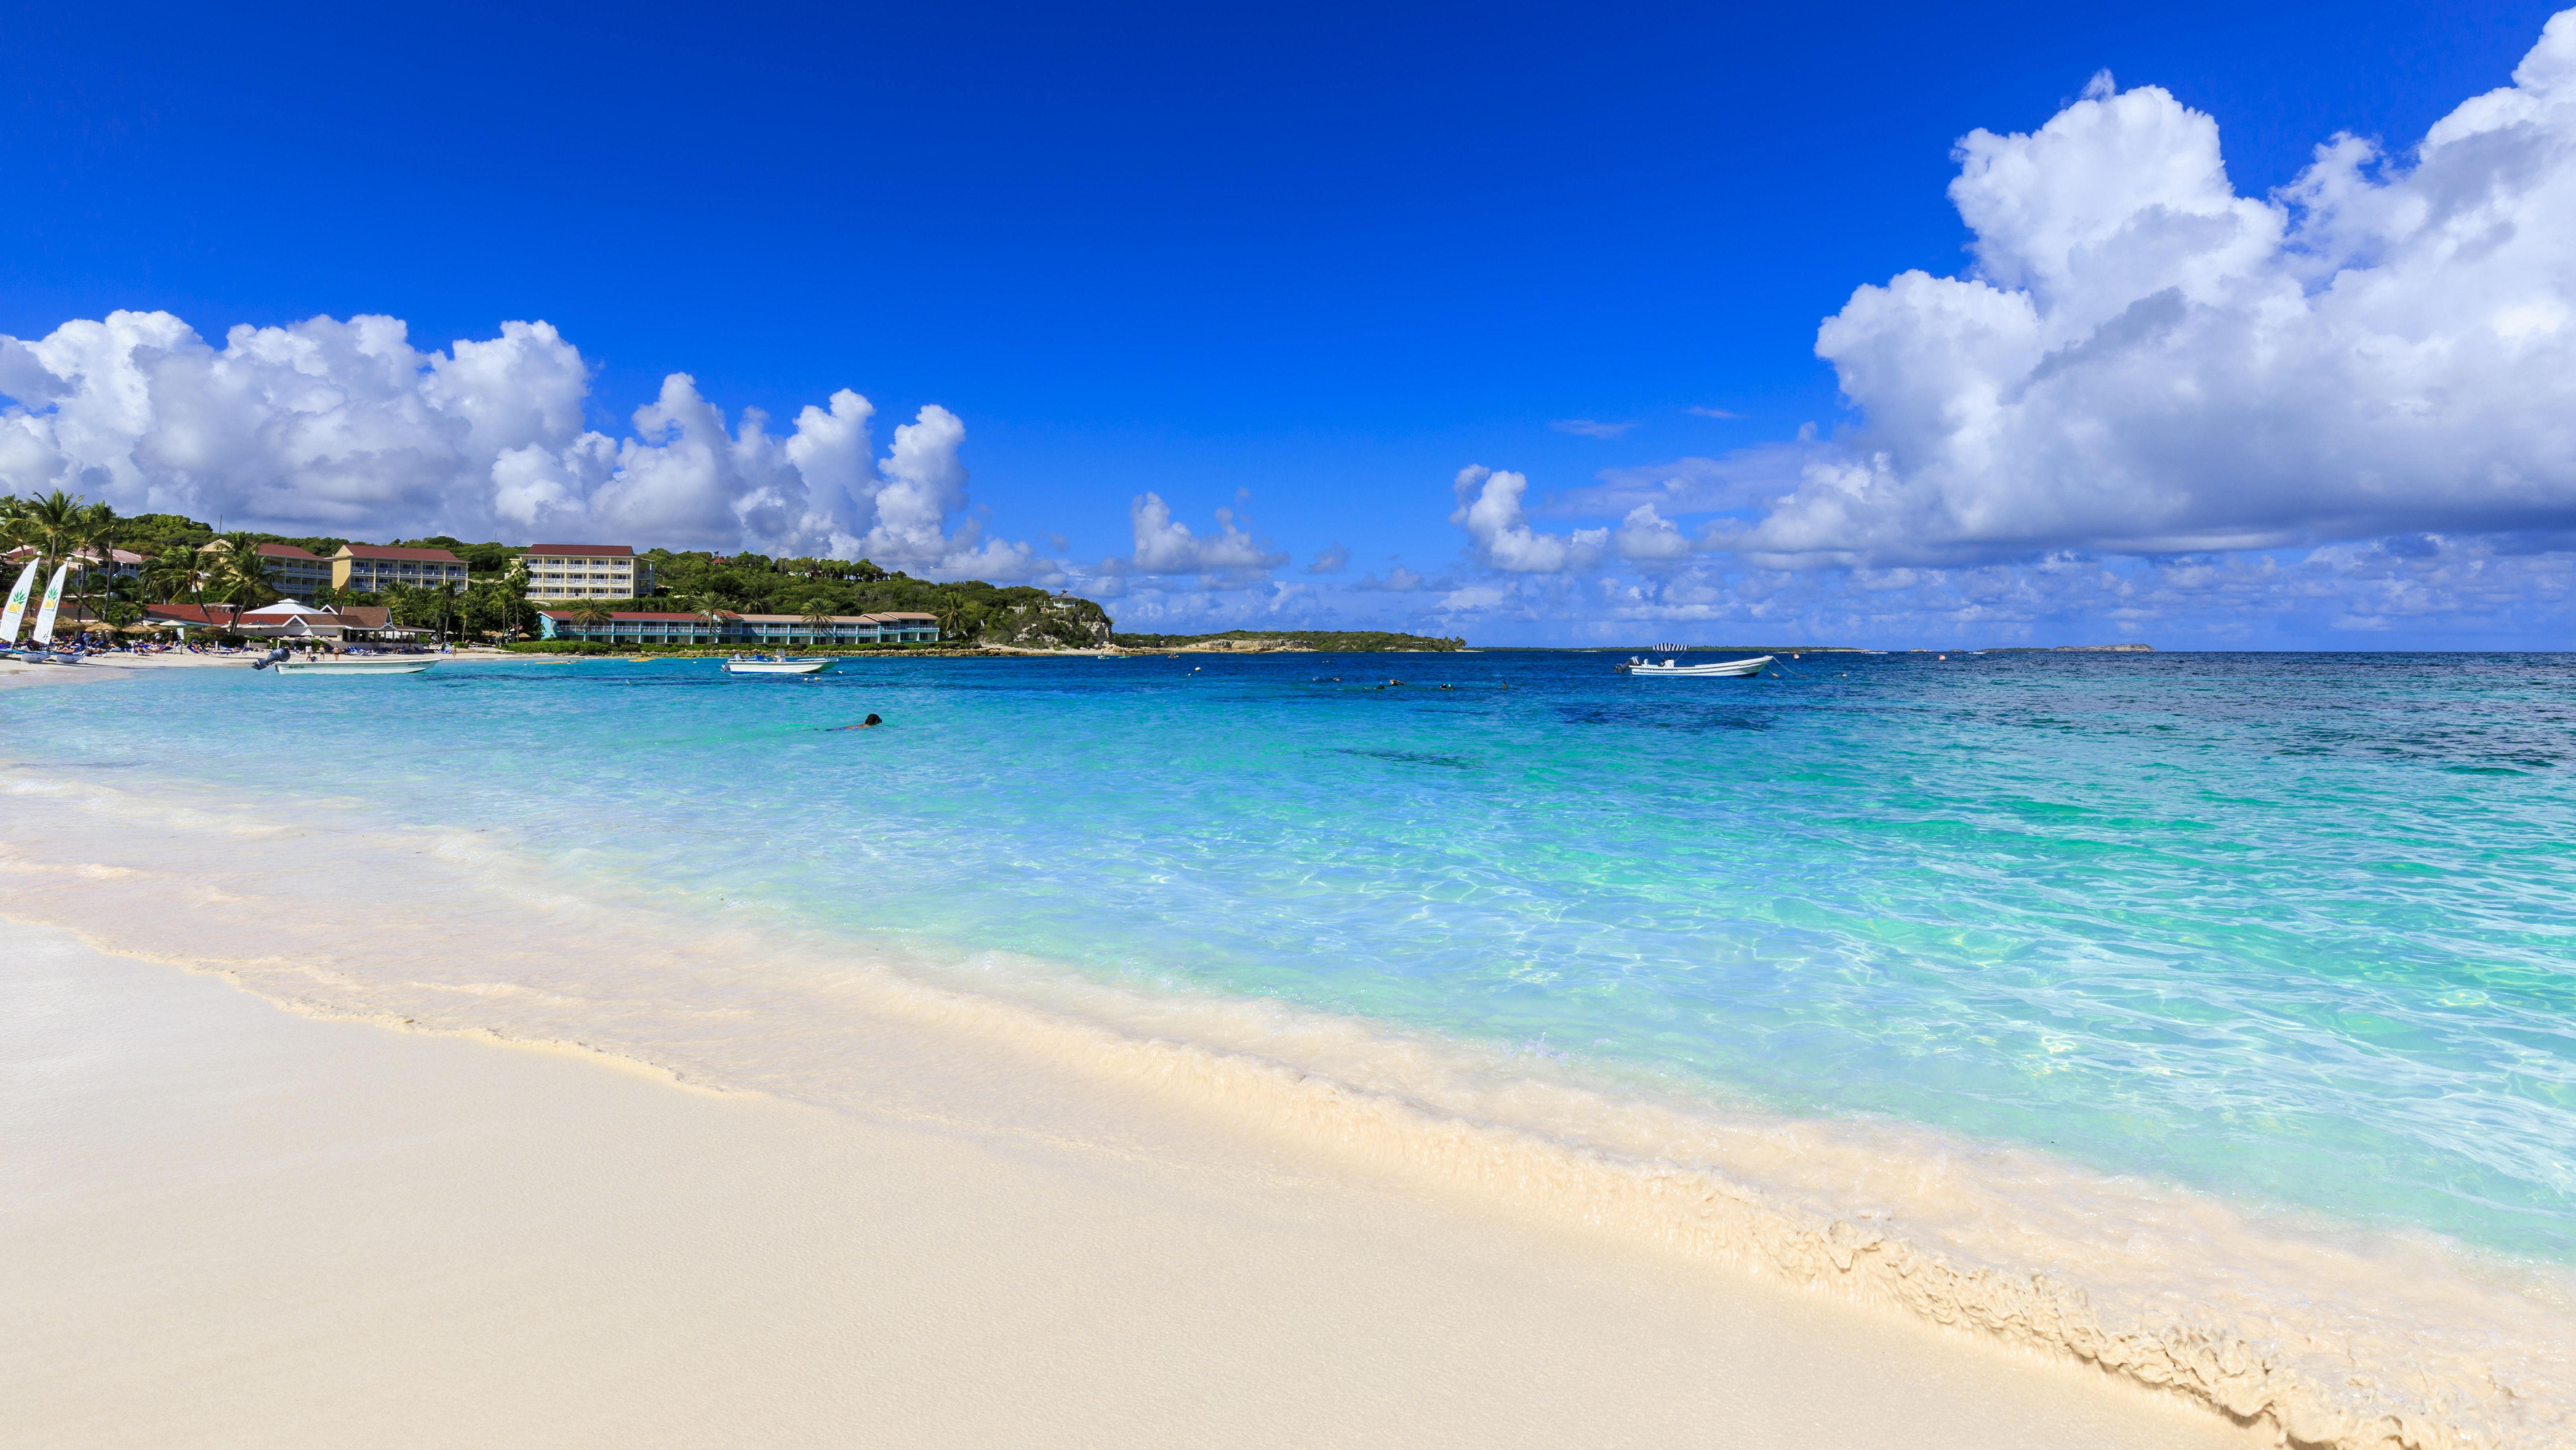 Ein Sandstrand in der Karibik.